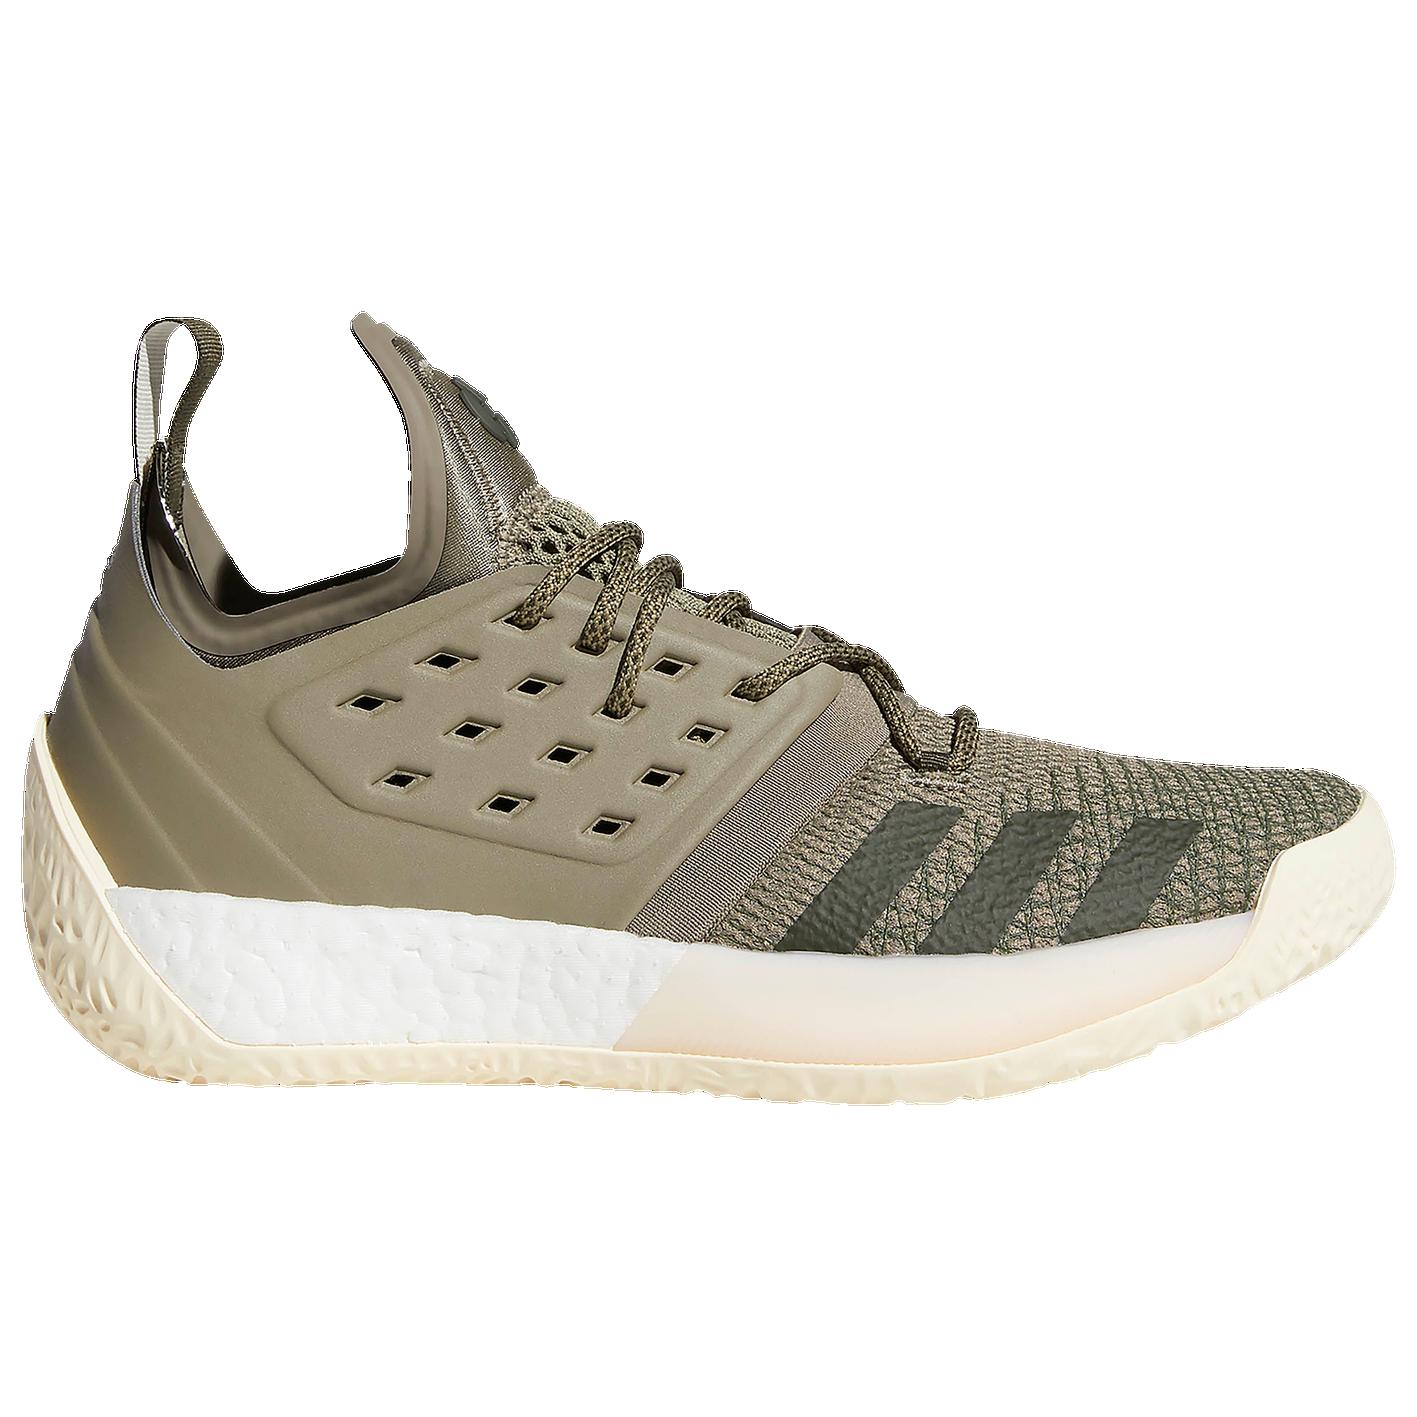 89e34a312278d0 adidas Harden Vol. 2 - Men s - Basketball - Shoes - Harden